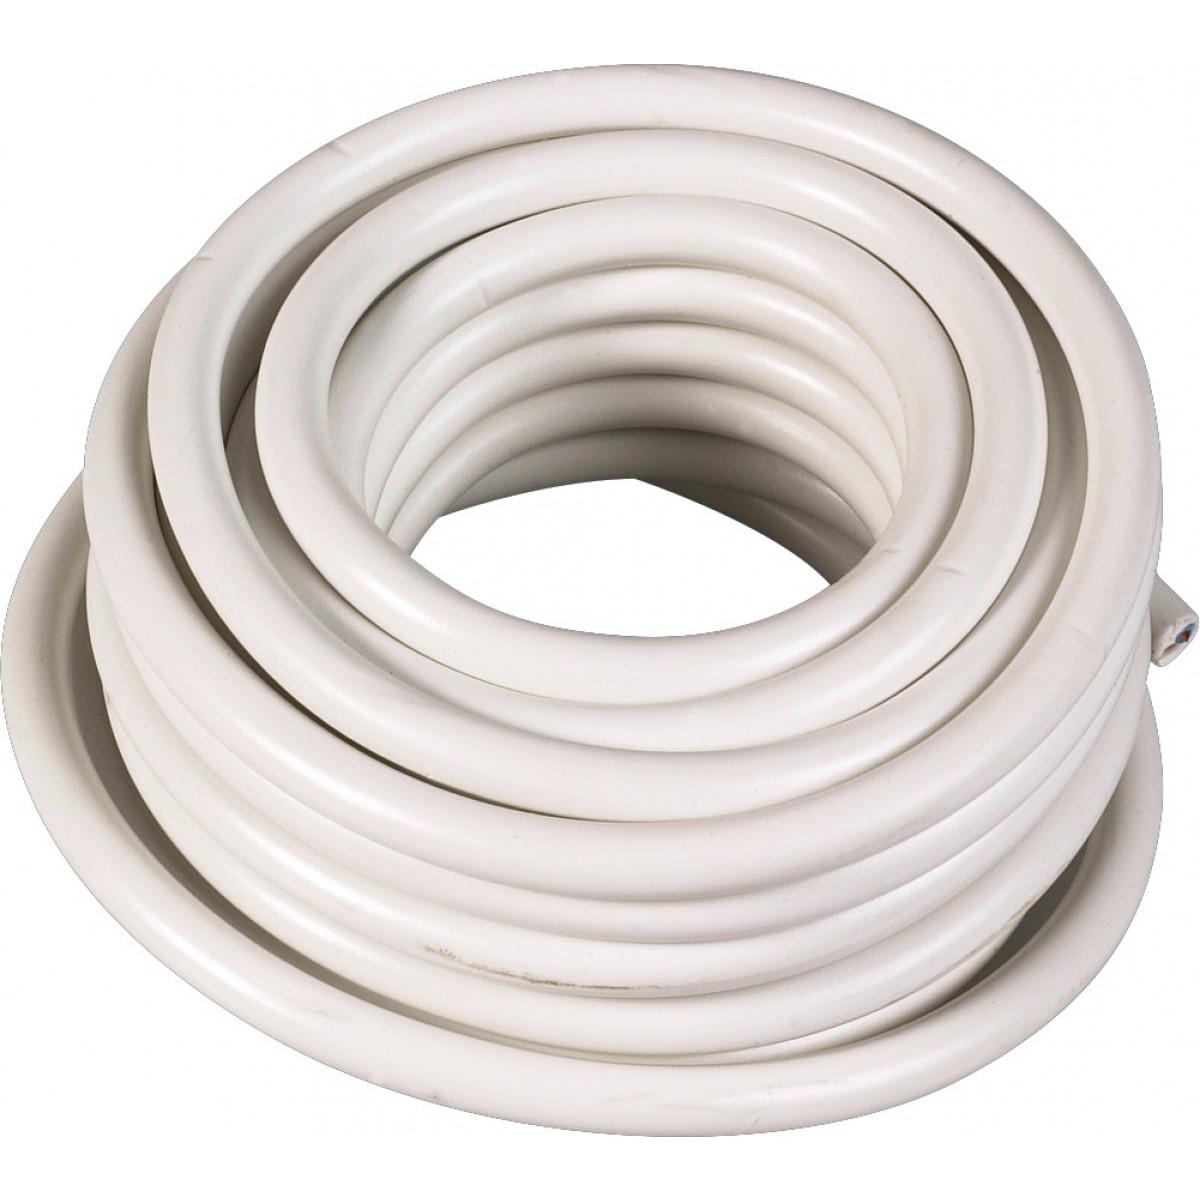 Câble H05 VV-F 1,5 mm² - Couronne 50 m - 2 x 1,5 mm² - Blanc